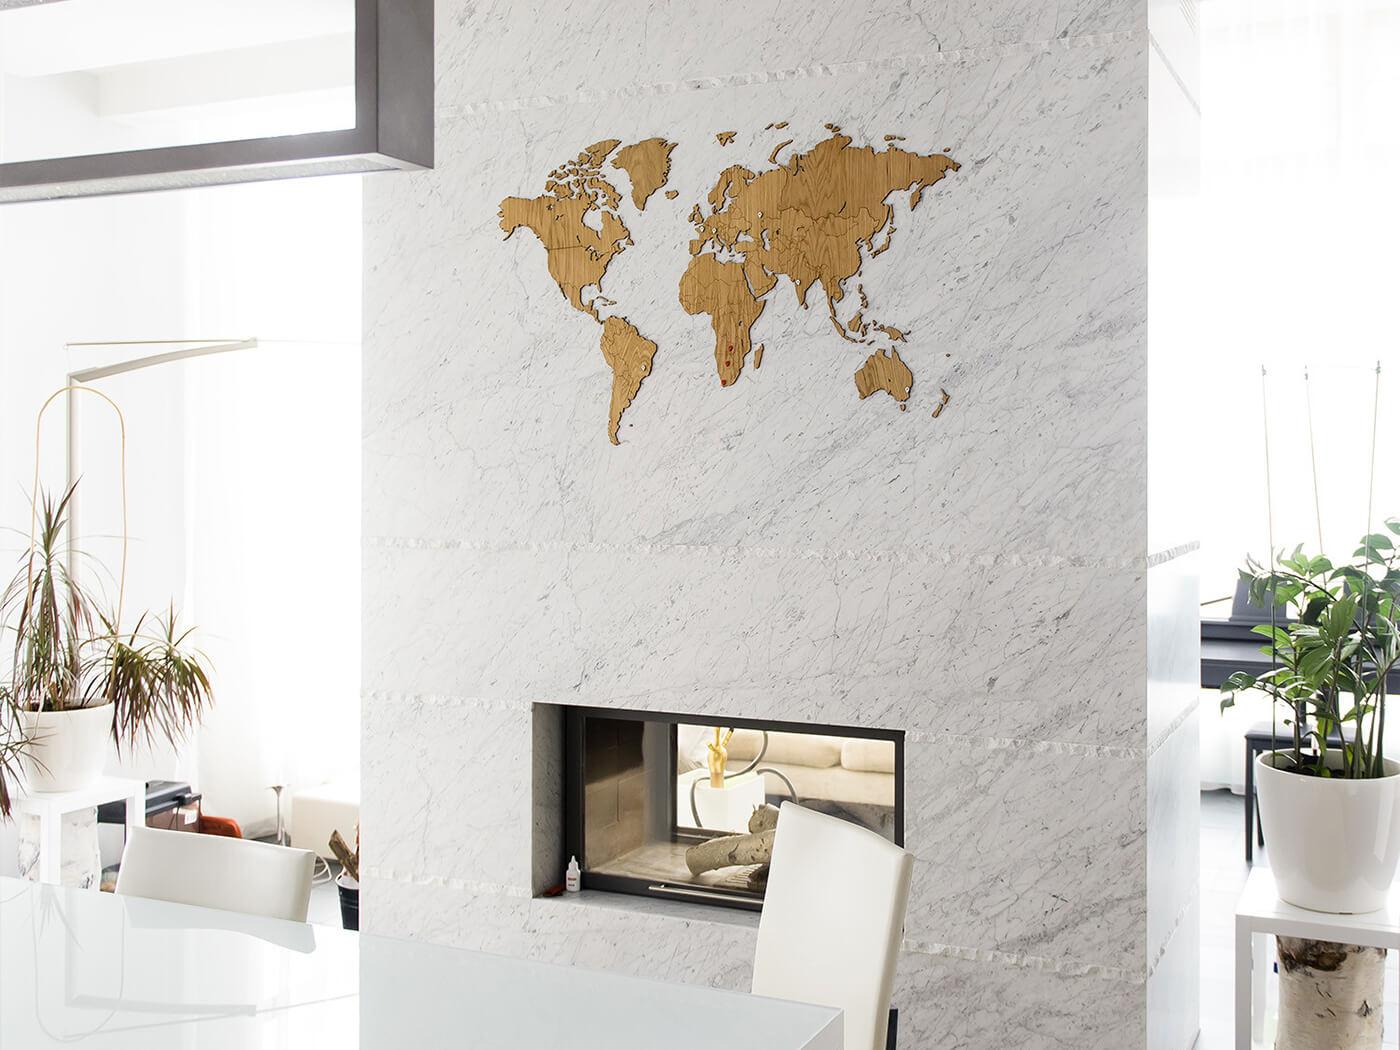 décoration avec carte du monde